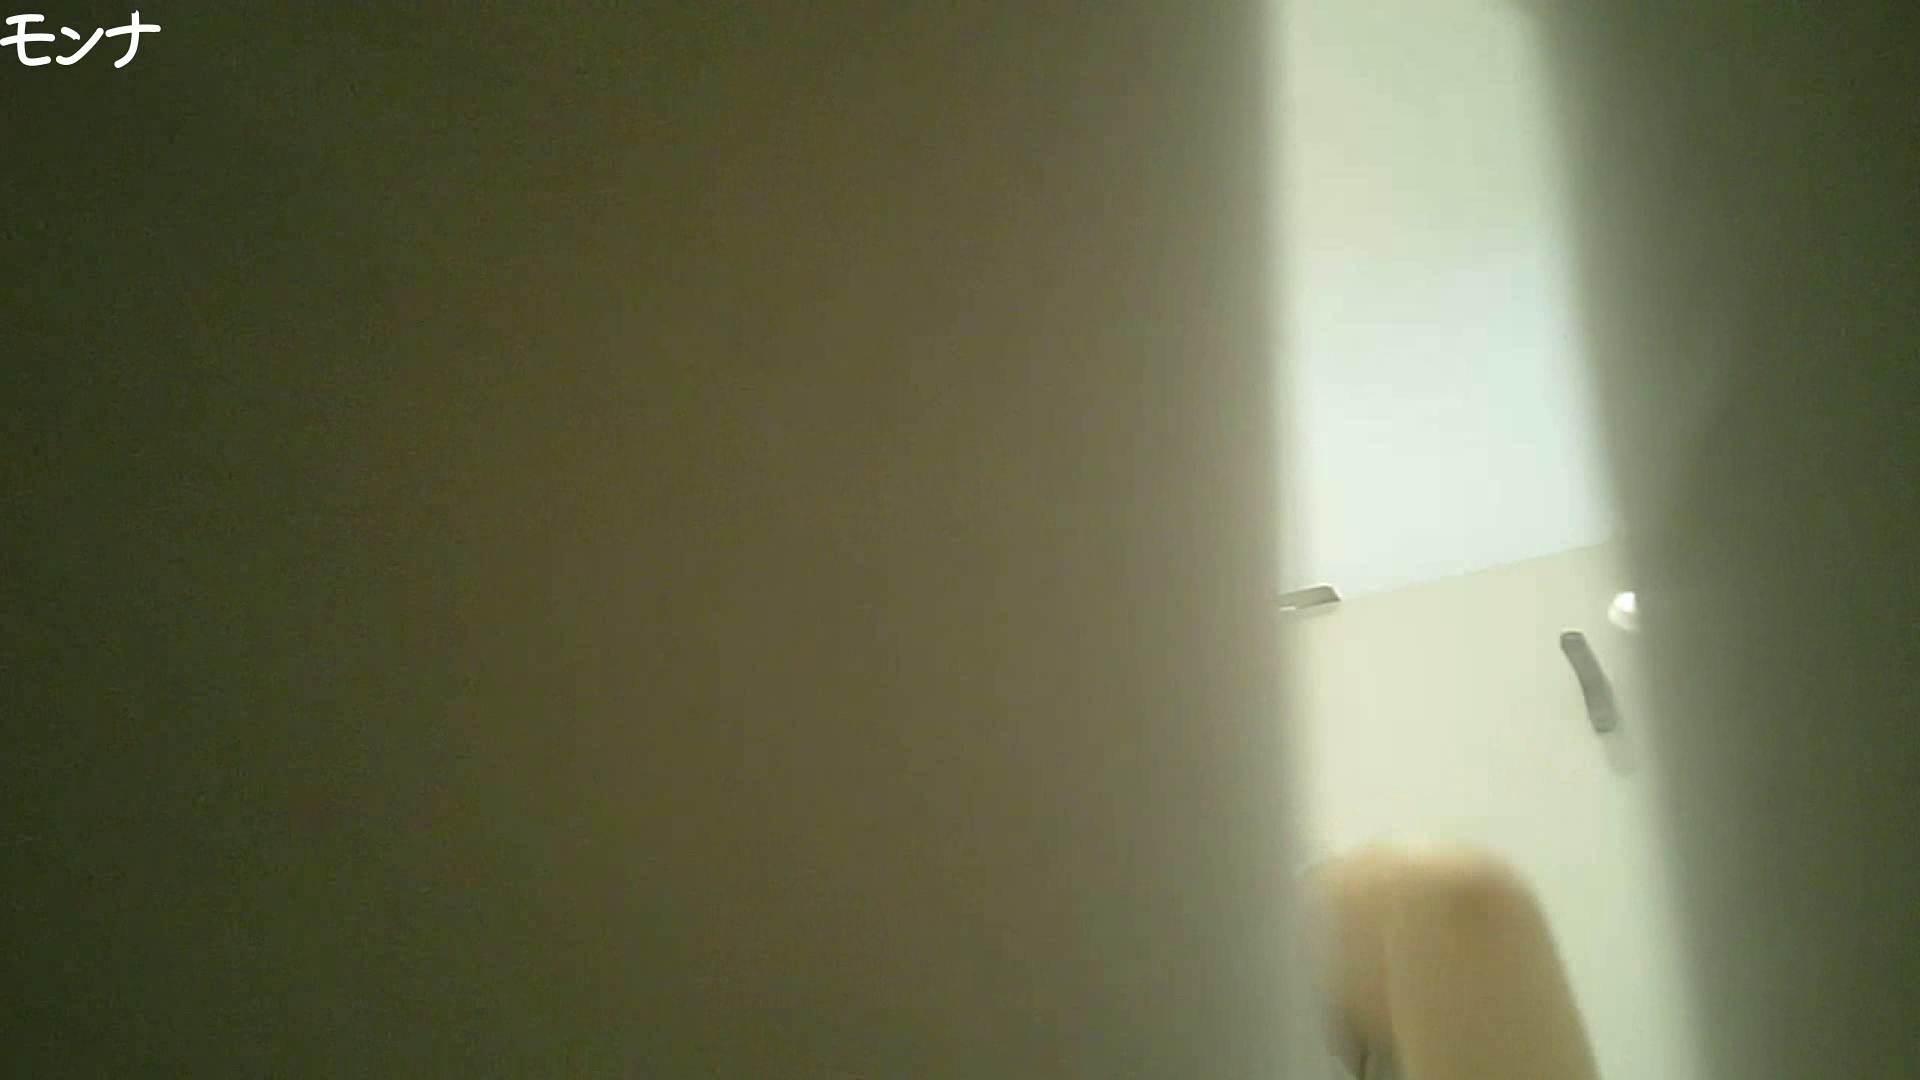 有名大学女性洗面所 vol.65 秘技!!マルチアングル天井撮り!! 丸見え  76PIX 20